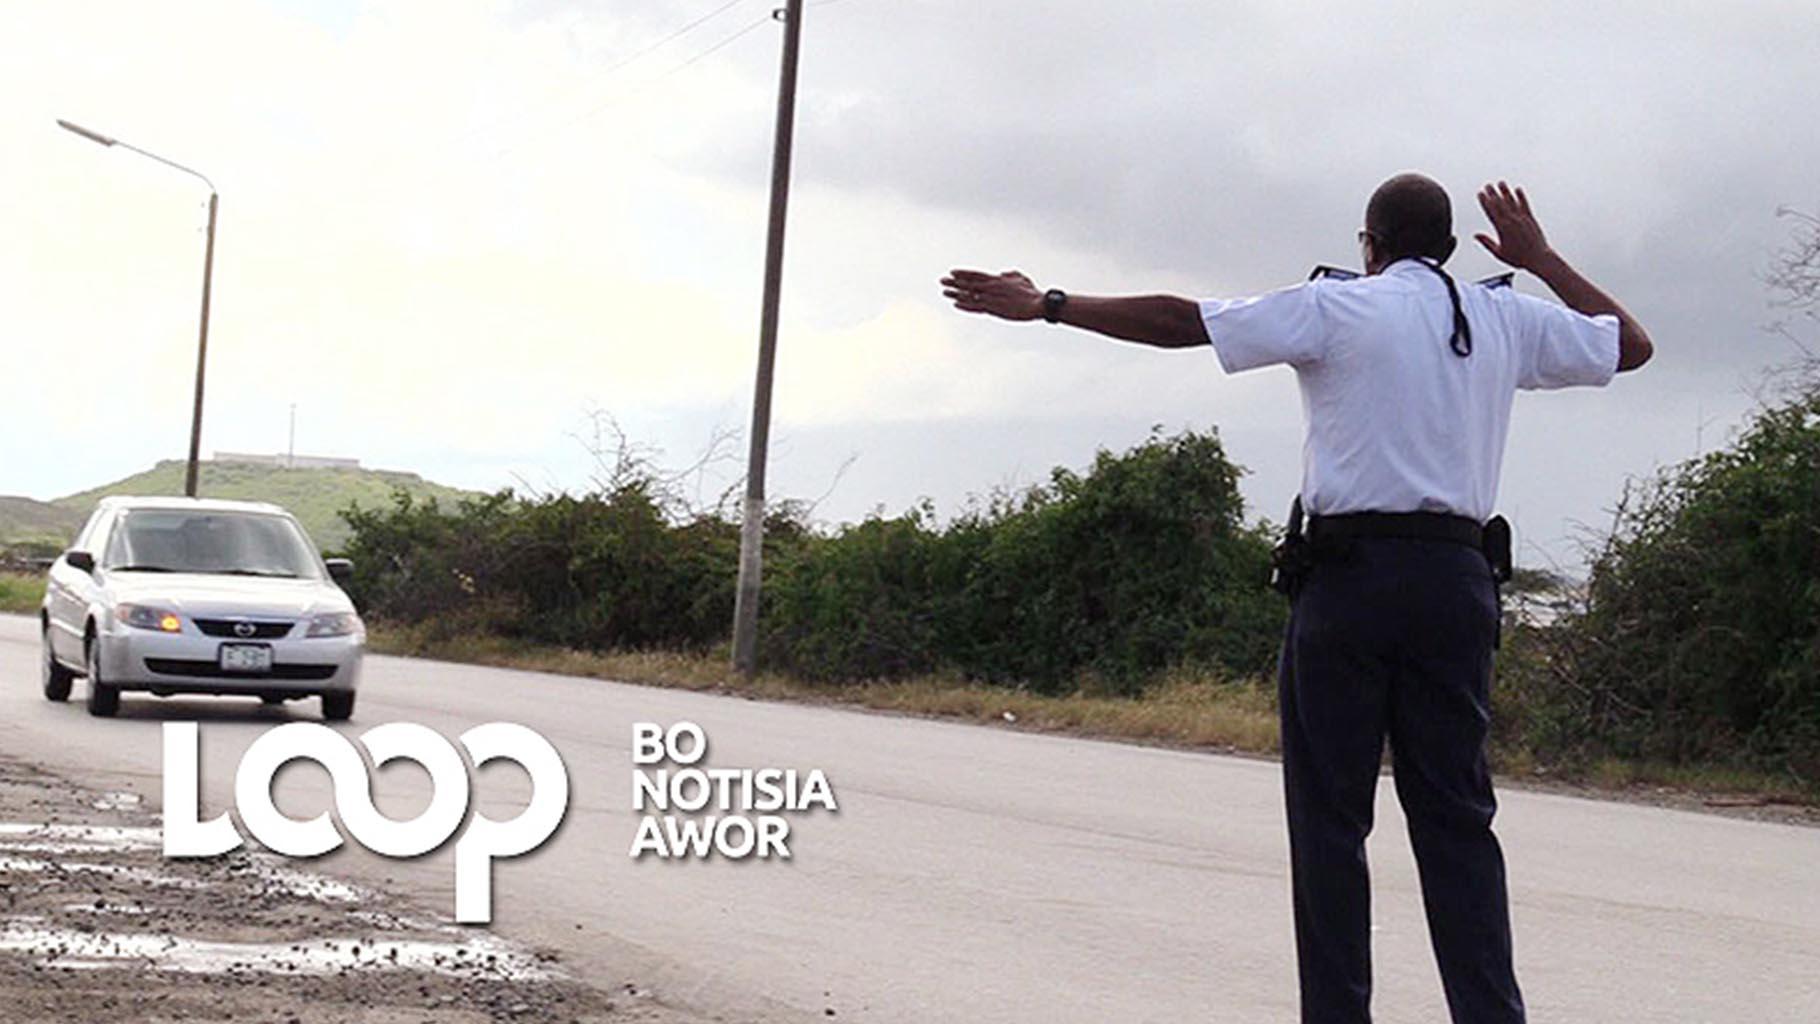 Polis a para i kontrolá na tur dos sitio un total di 216 vehíkulo i parti un total di 69 prosèsverbal.